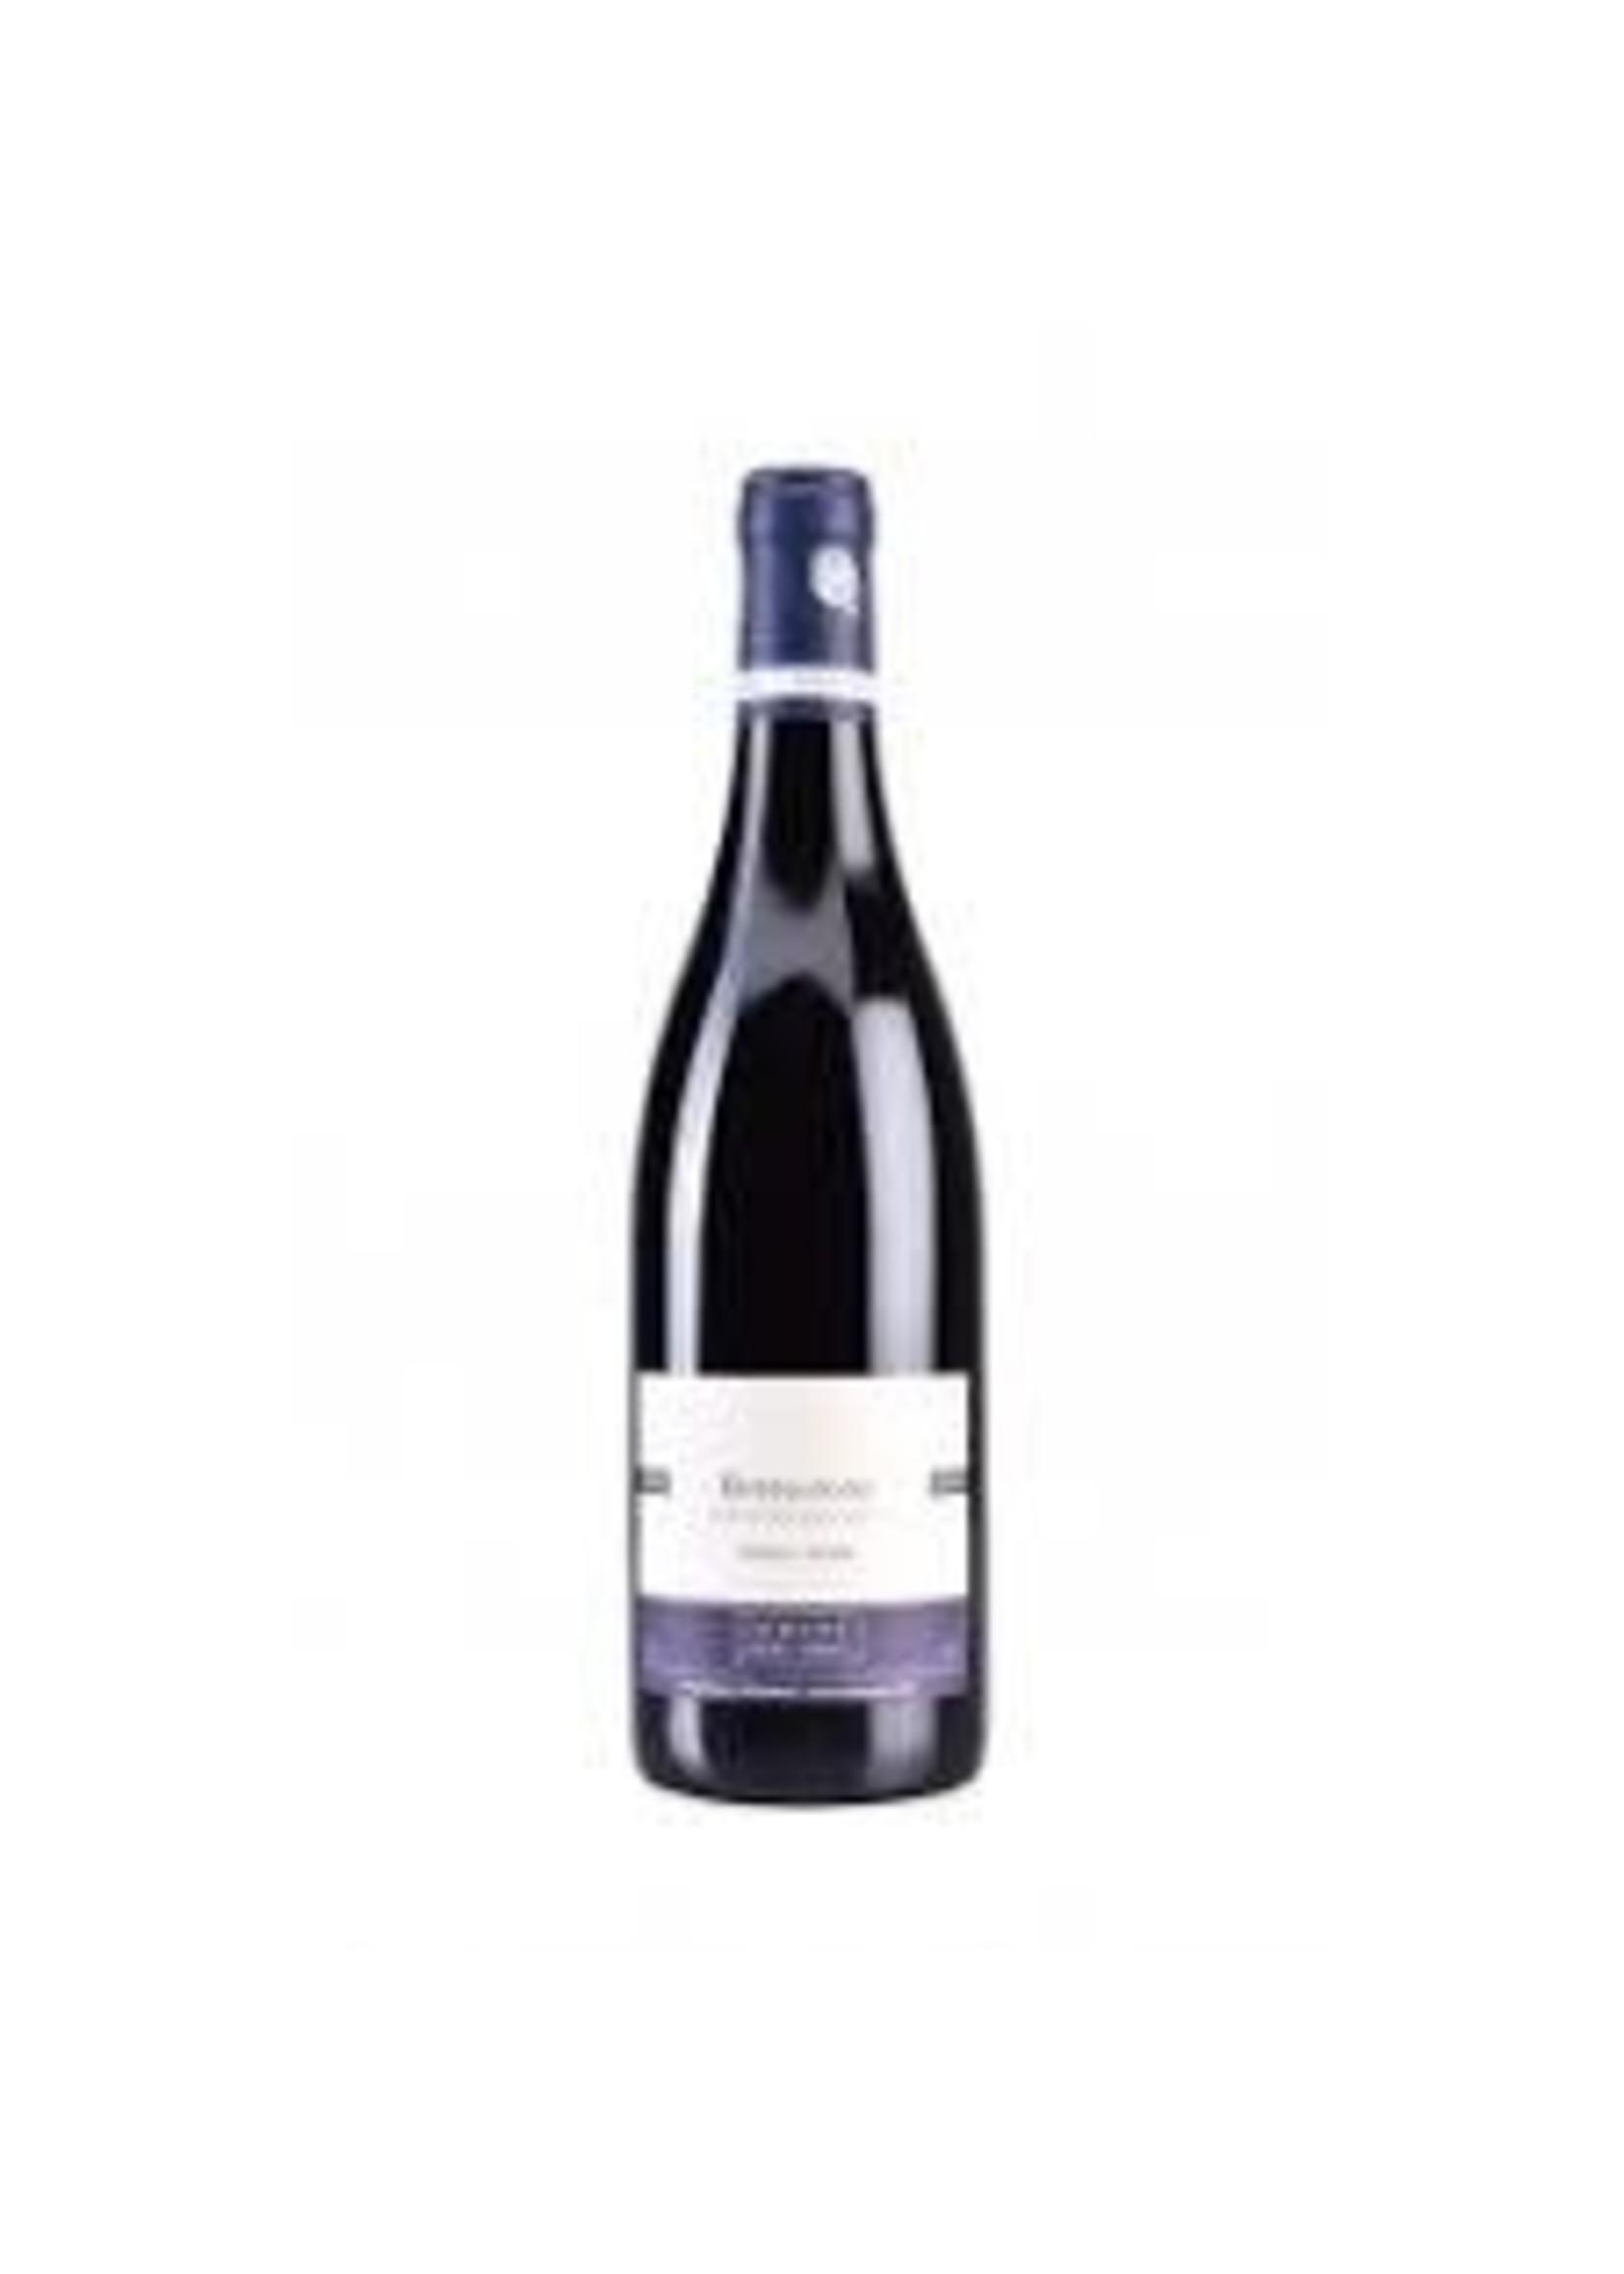 Anne Gros 2018 Bourgogne Pinot Noir 750ml